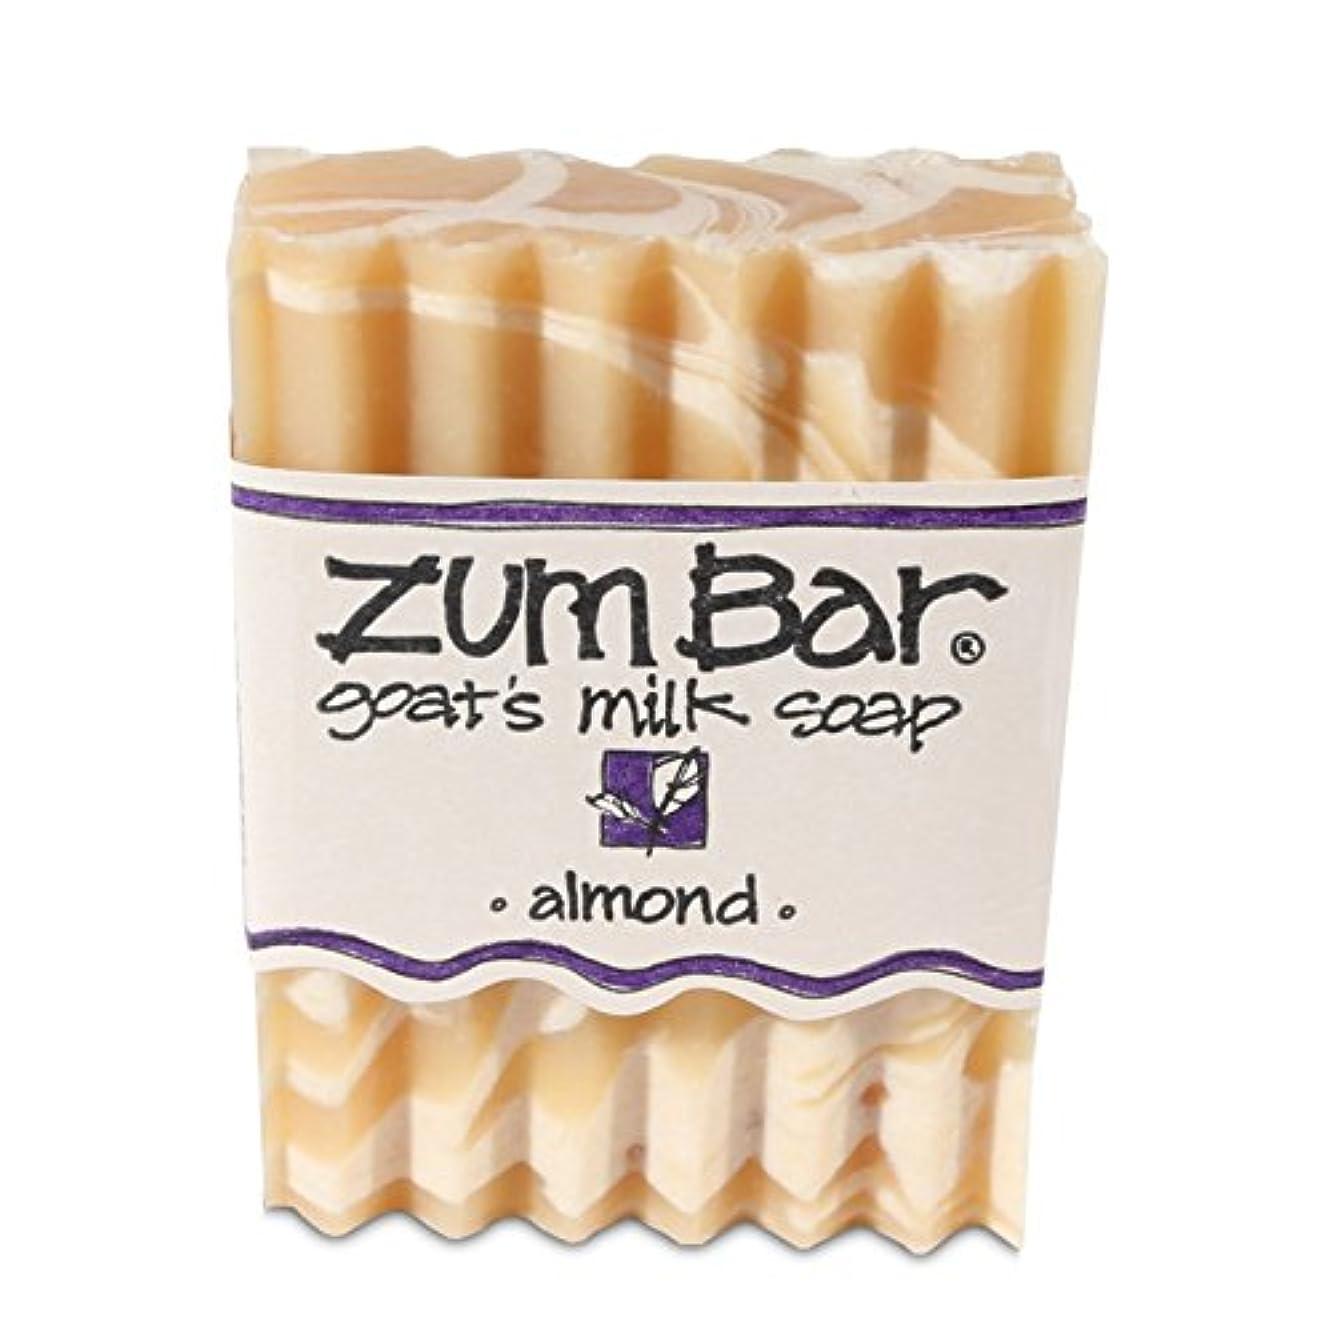 オレンジ支配的コカイン海外直送品 Indigo Wild, Zum Bar, Goat's ミルク ソープ アーモンド , 3 Ounces (2個セット) (Almond) [並行輸入品]